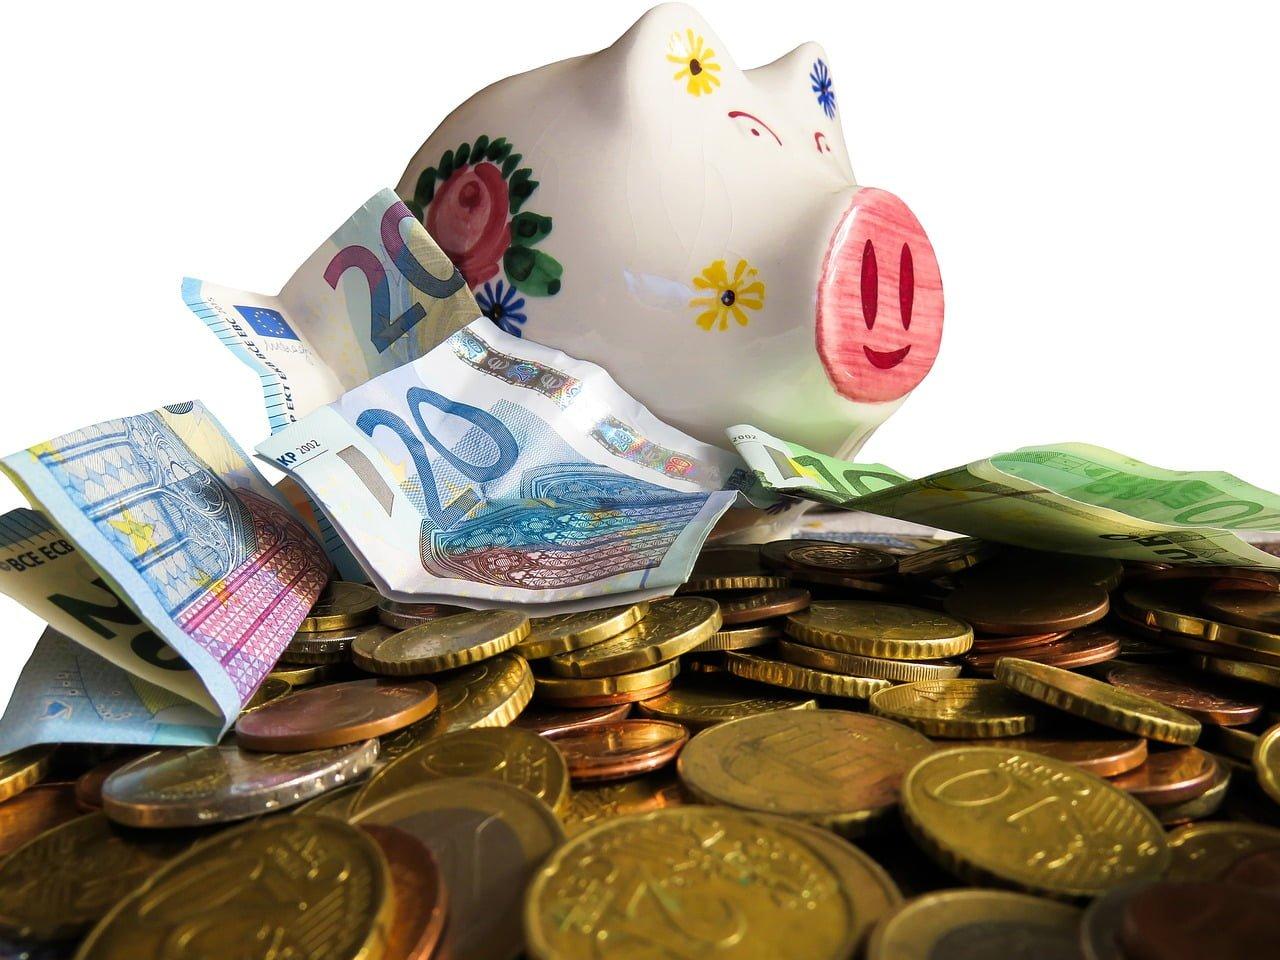 Dlaczego warto założyć dziecku konto bankowe – nauka oszczędzania na wesoło